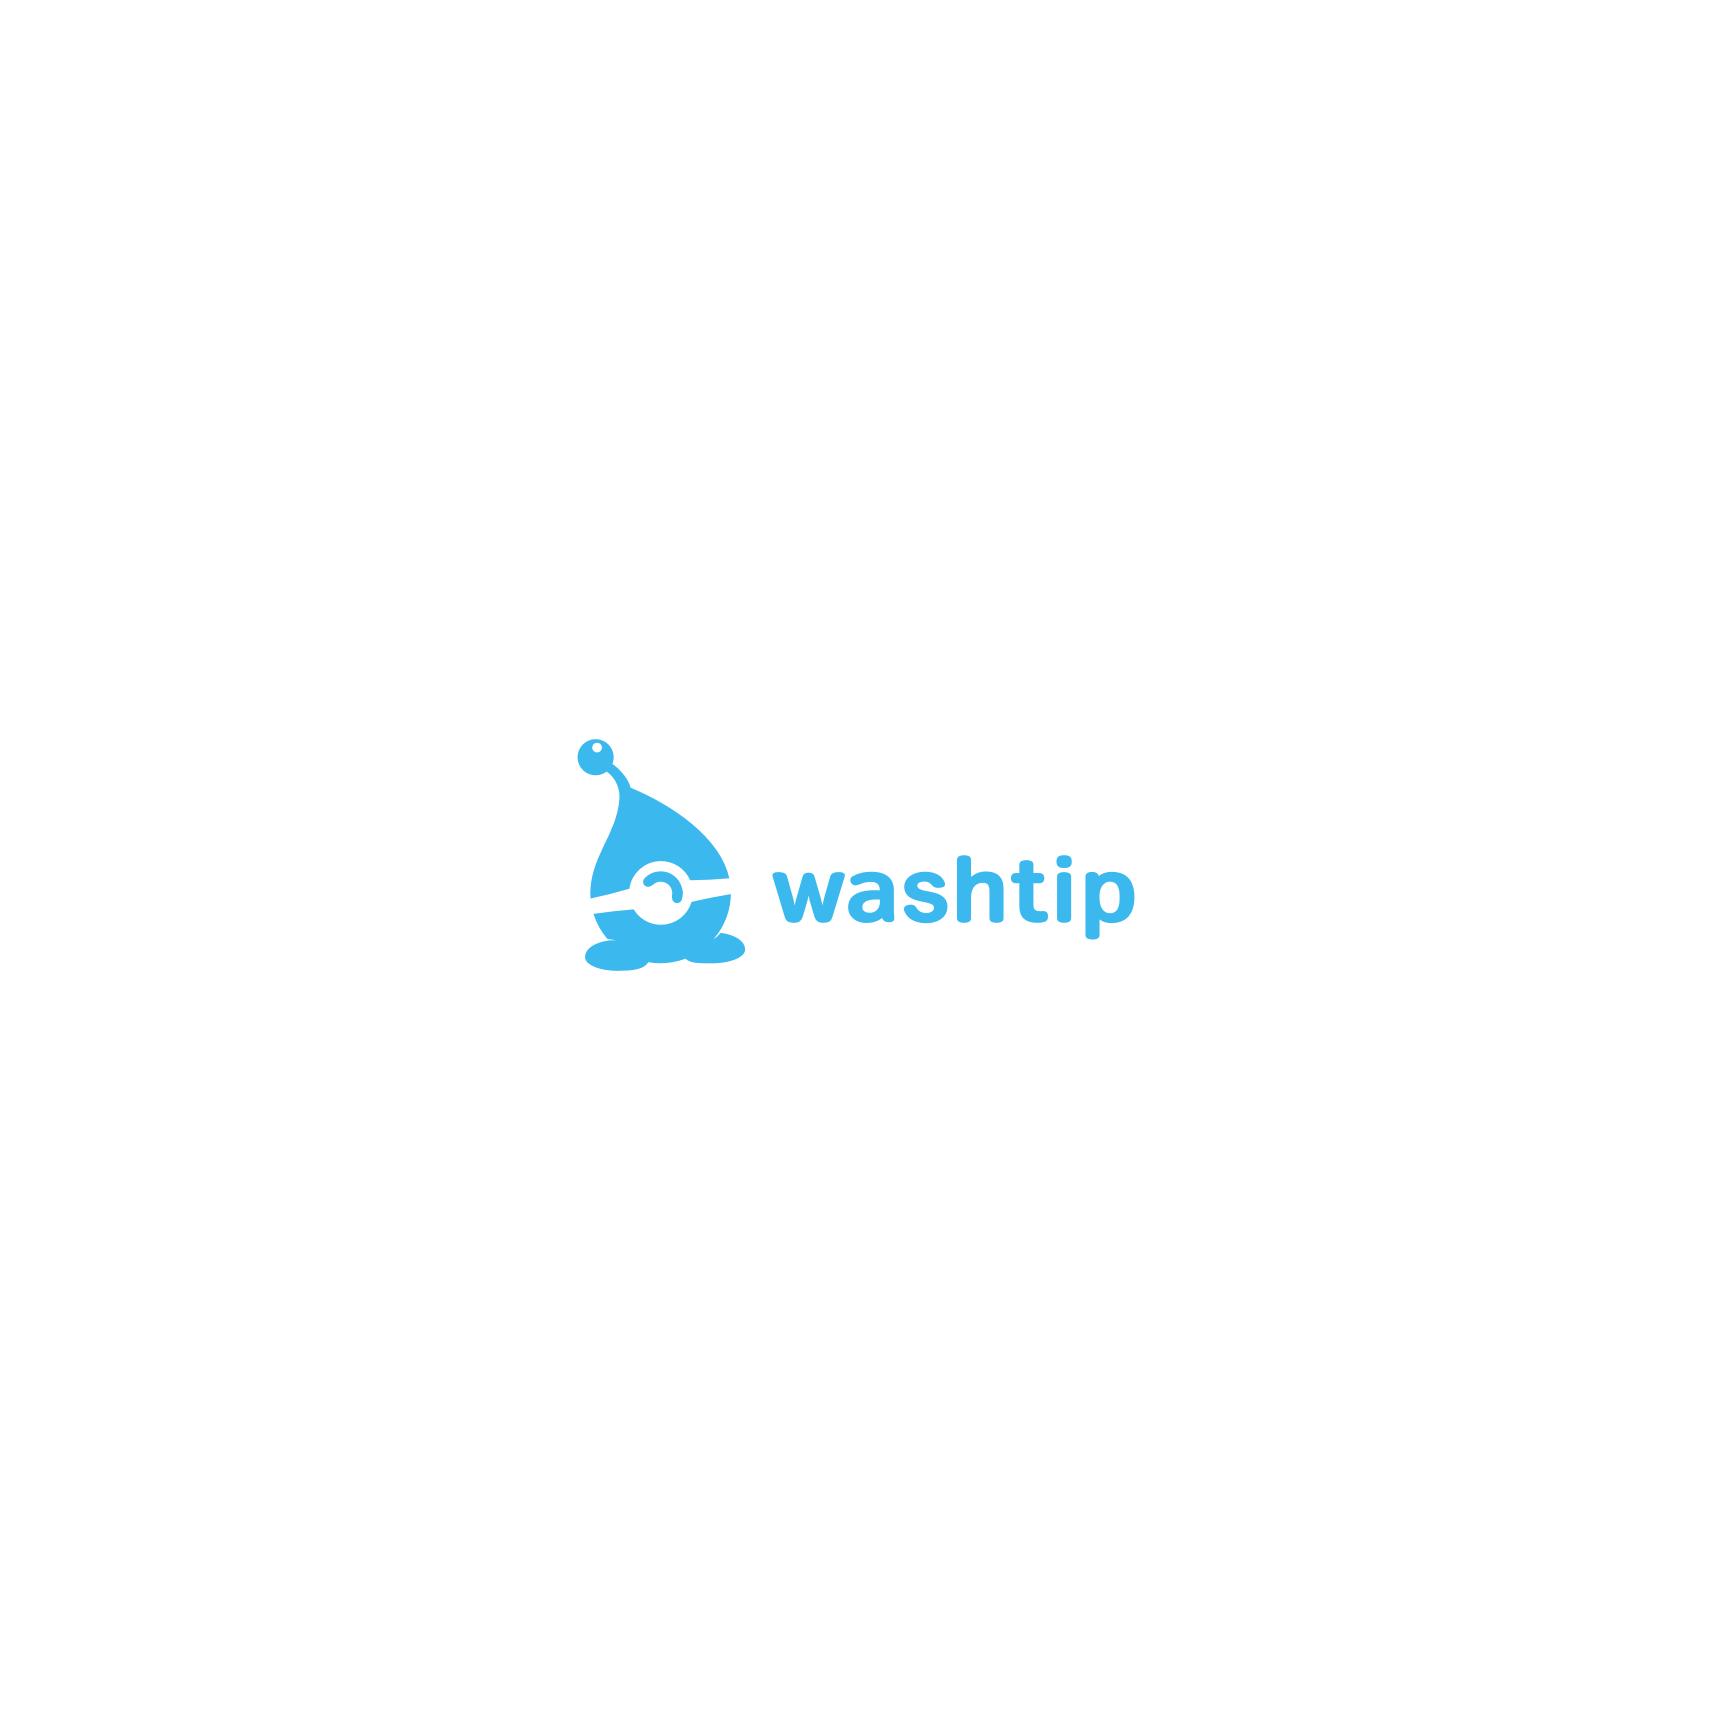 Разработка логотипа для онлайн-сервиса химчистки фото f_9635c0aa5e1e30be.png